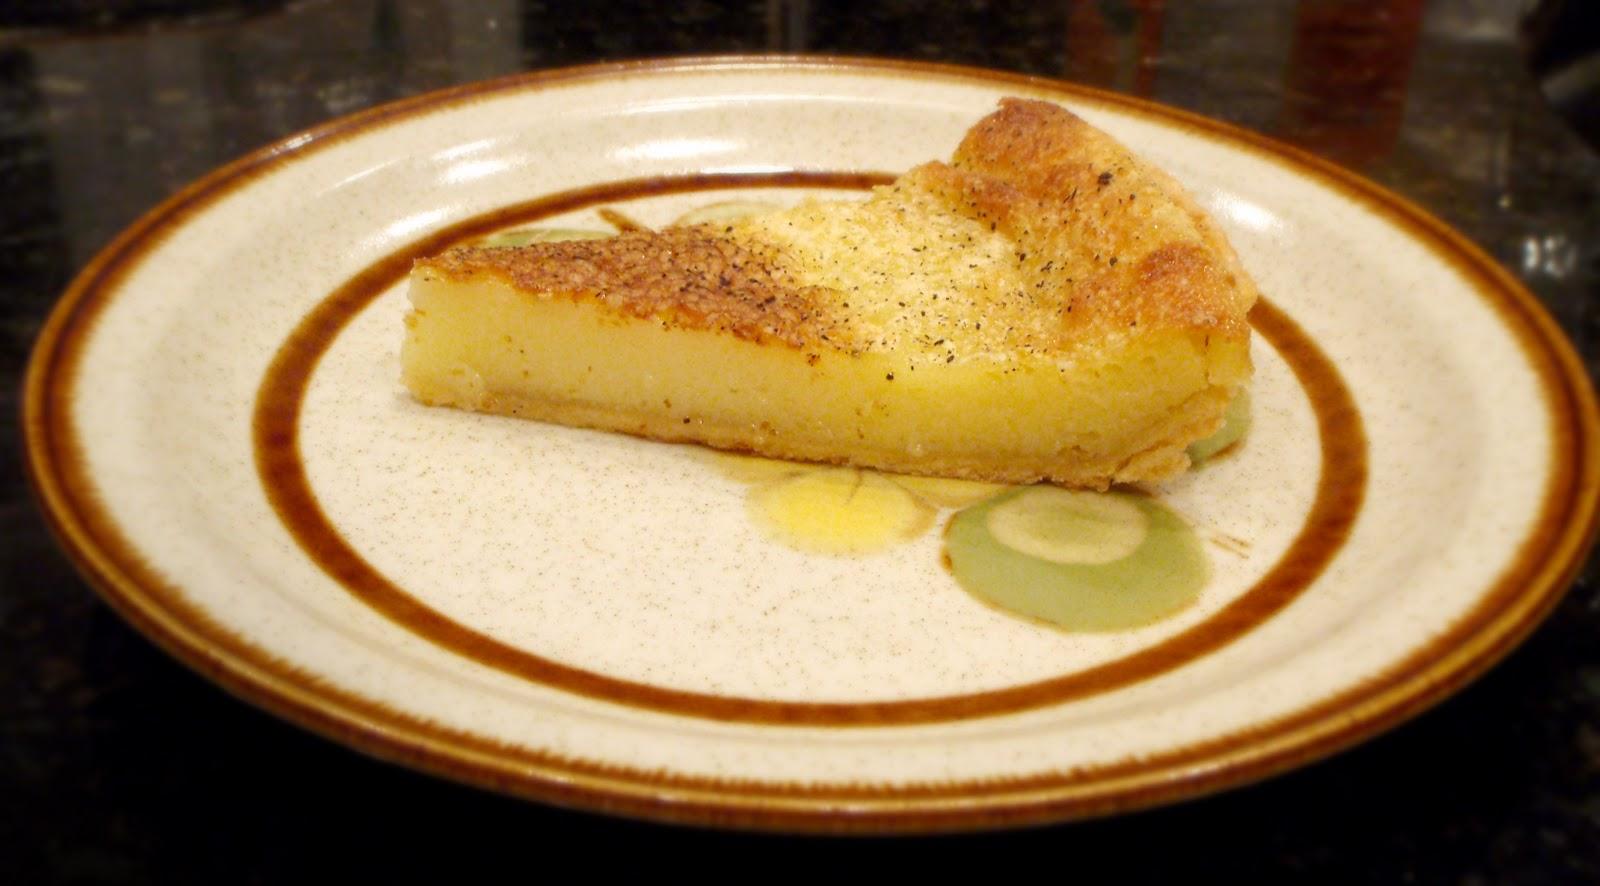 Another Brisket Creation: Egg Custard Pie